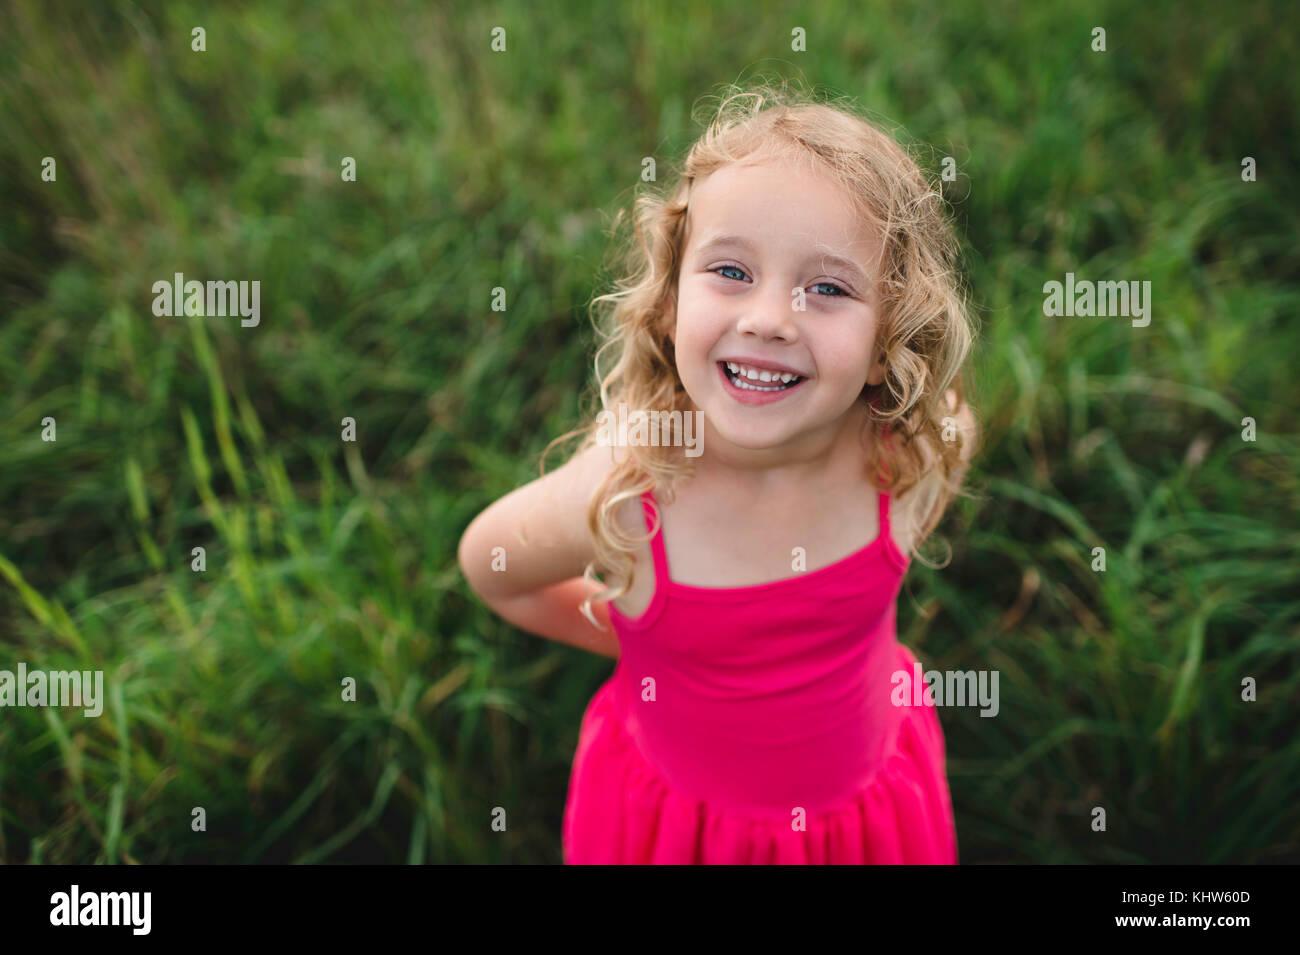 Portrait de jeune fille blonde dans l'herbe Banque D'Images